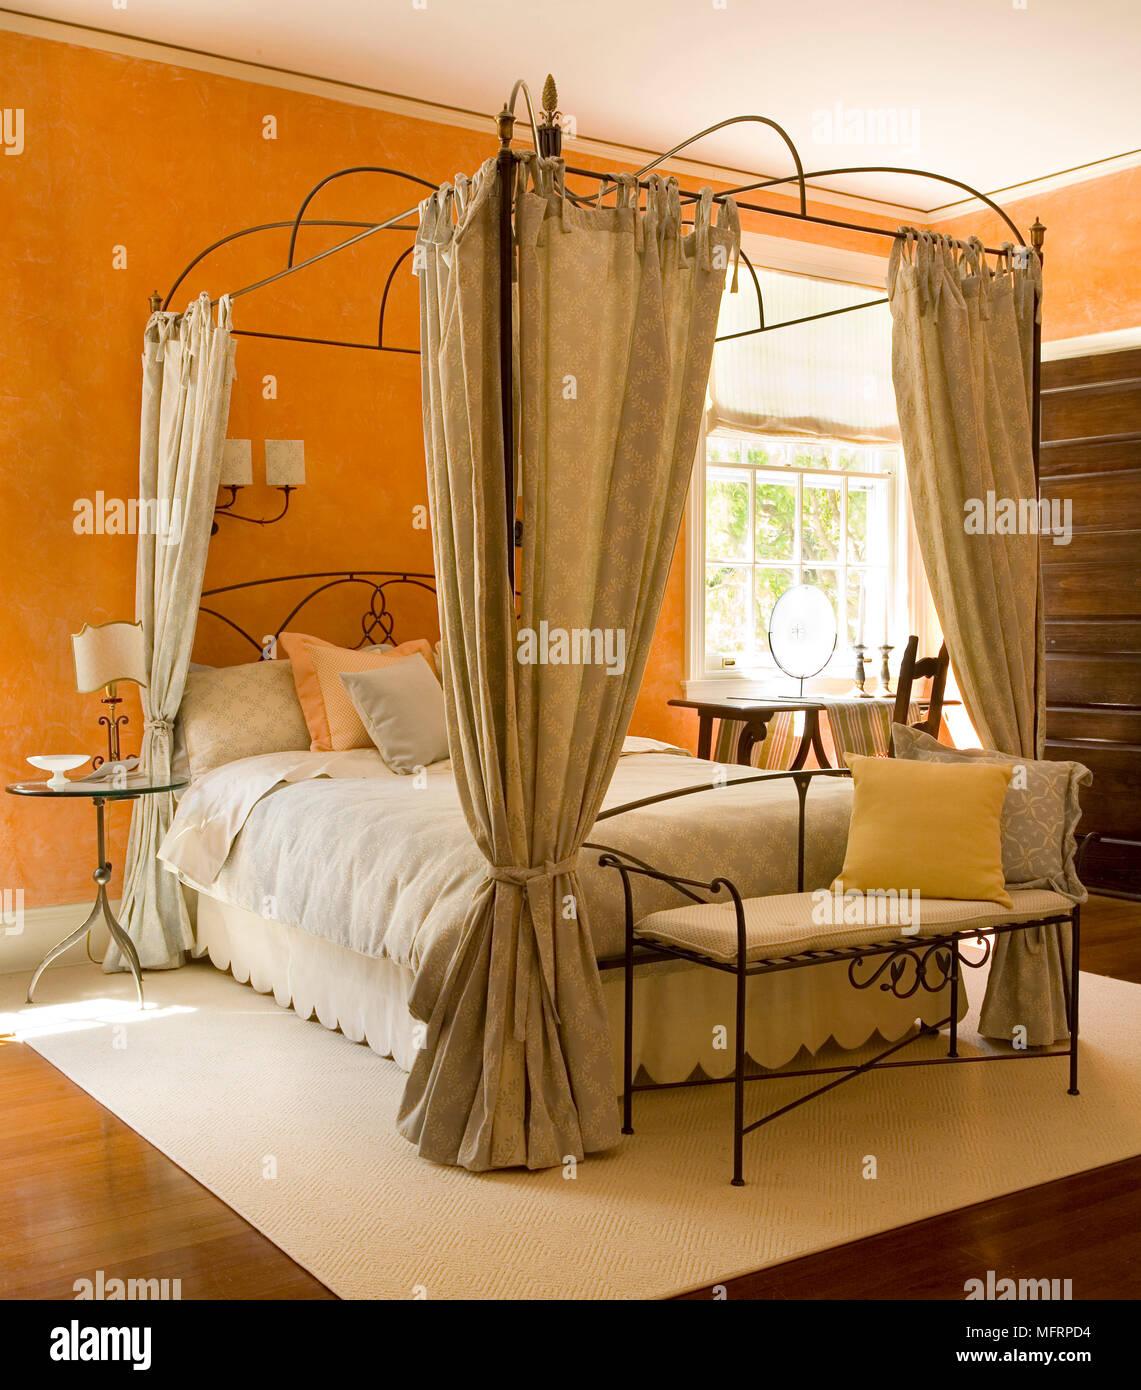 https://c8.alamy.com/compit/mfrpd4/metallo-letto-a-baldacchino-con-tende-in-stile-tradizionale-camera-da-letto-mfrpd4.jpg